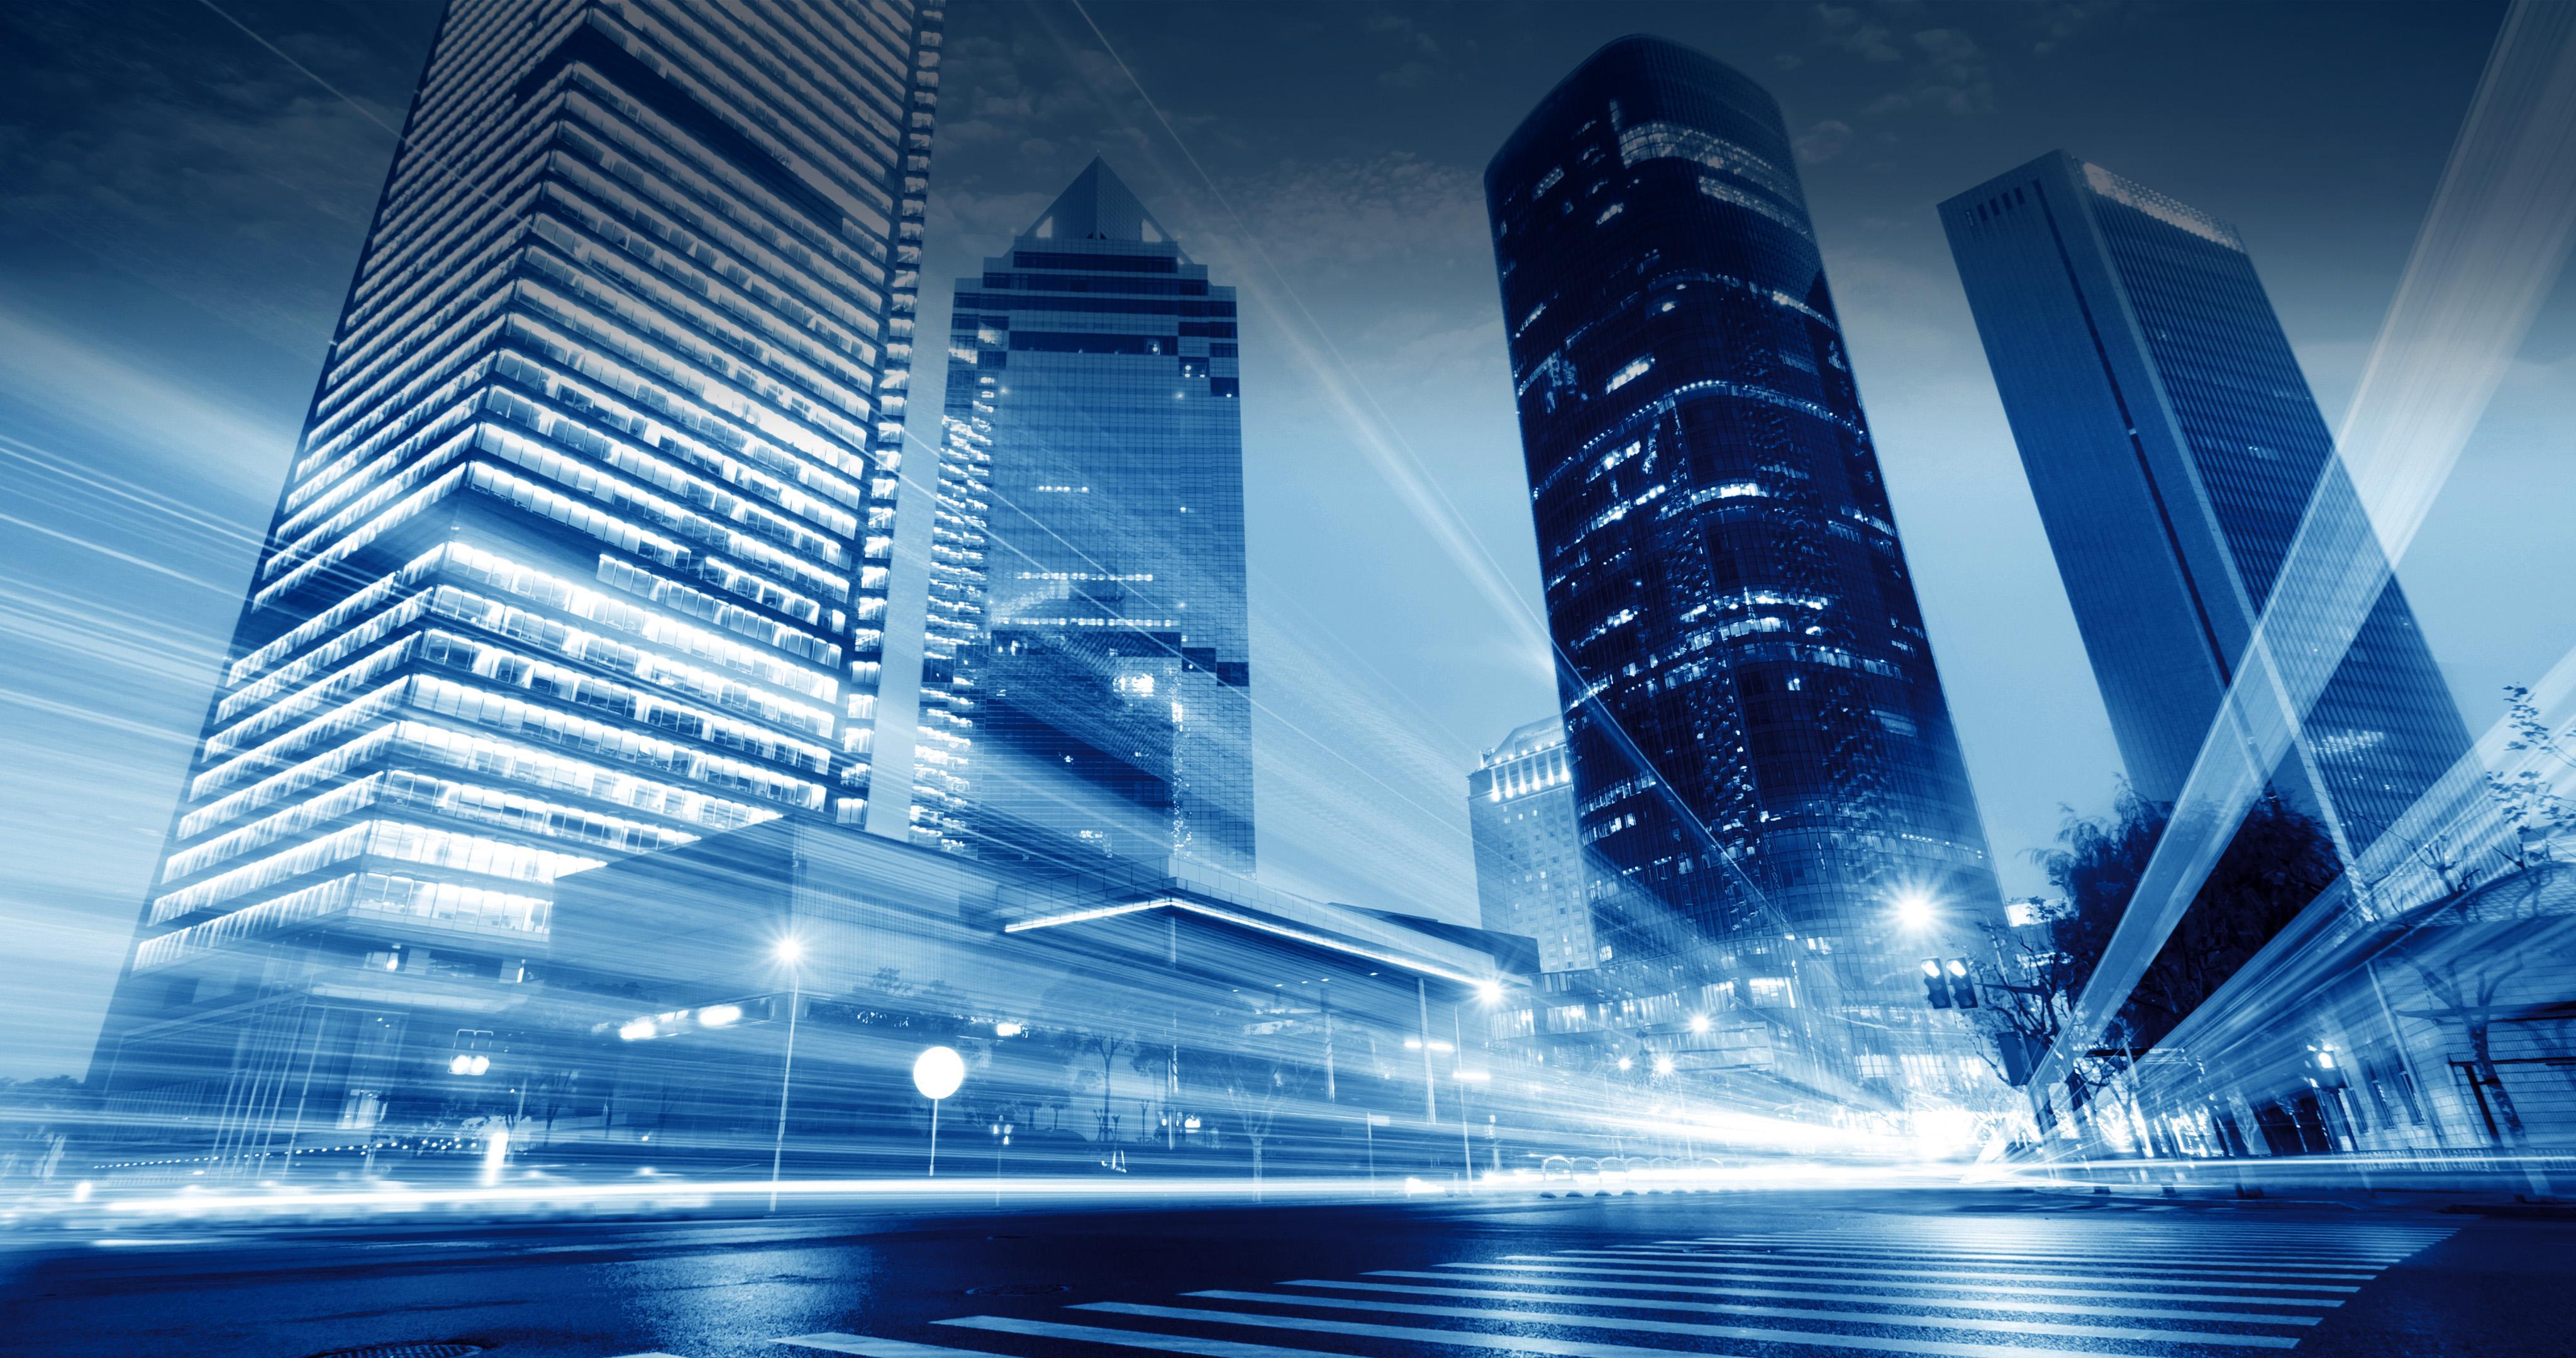 Bewegung und Energie in der Stadt